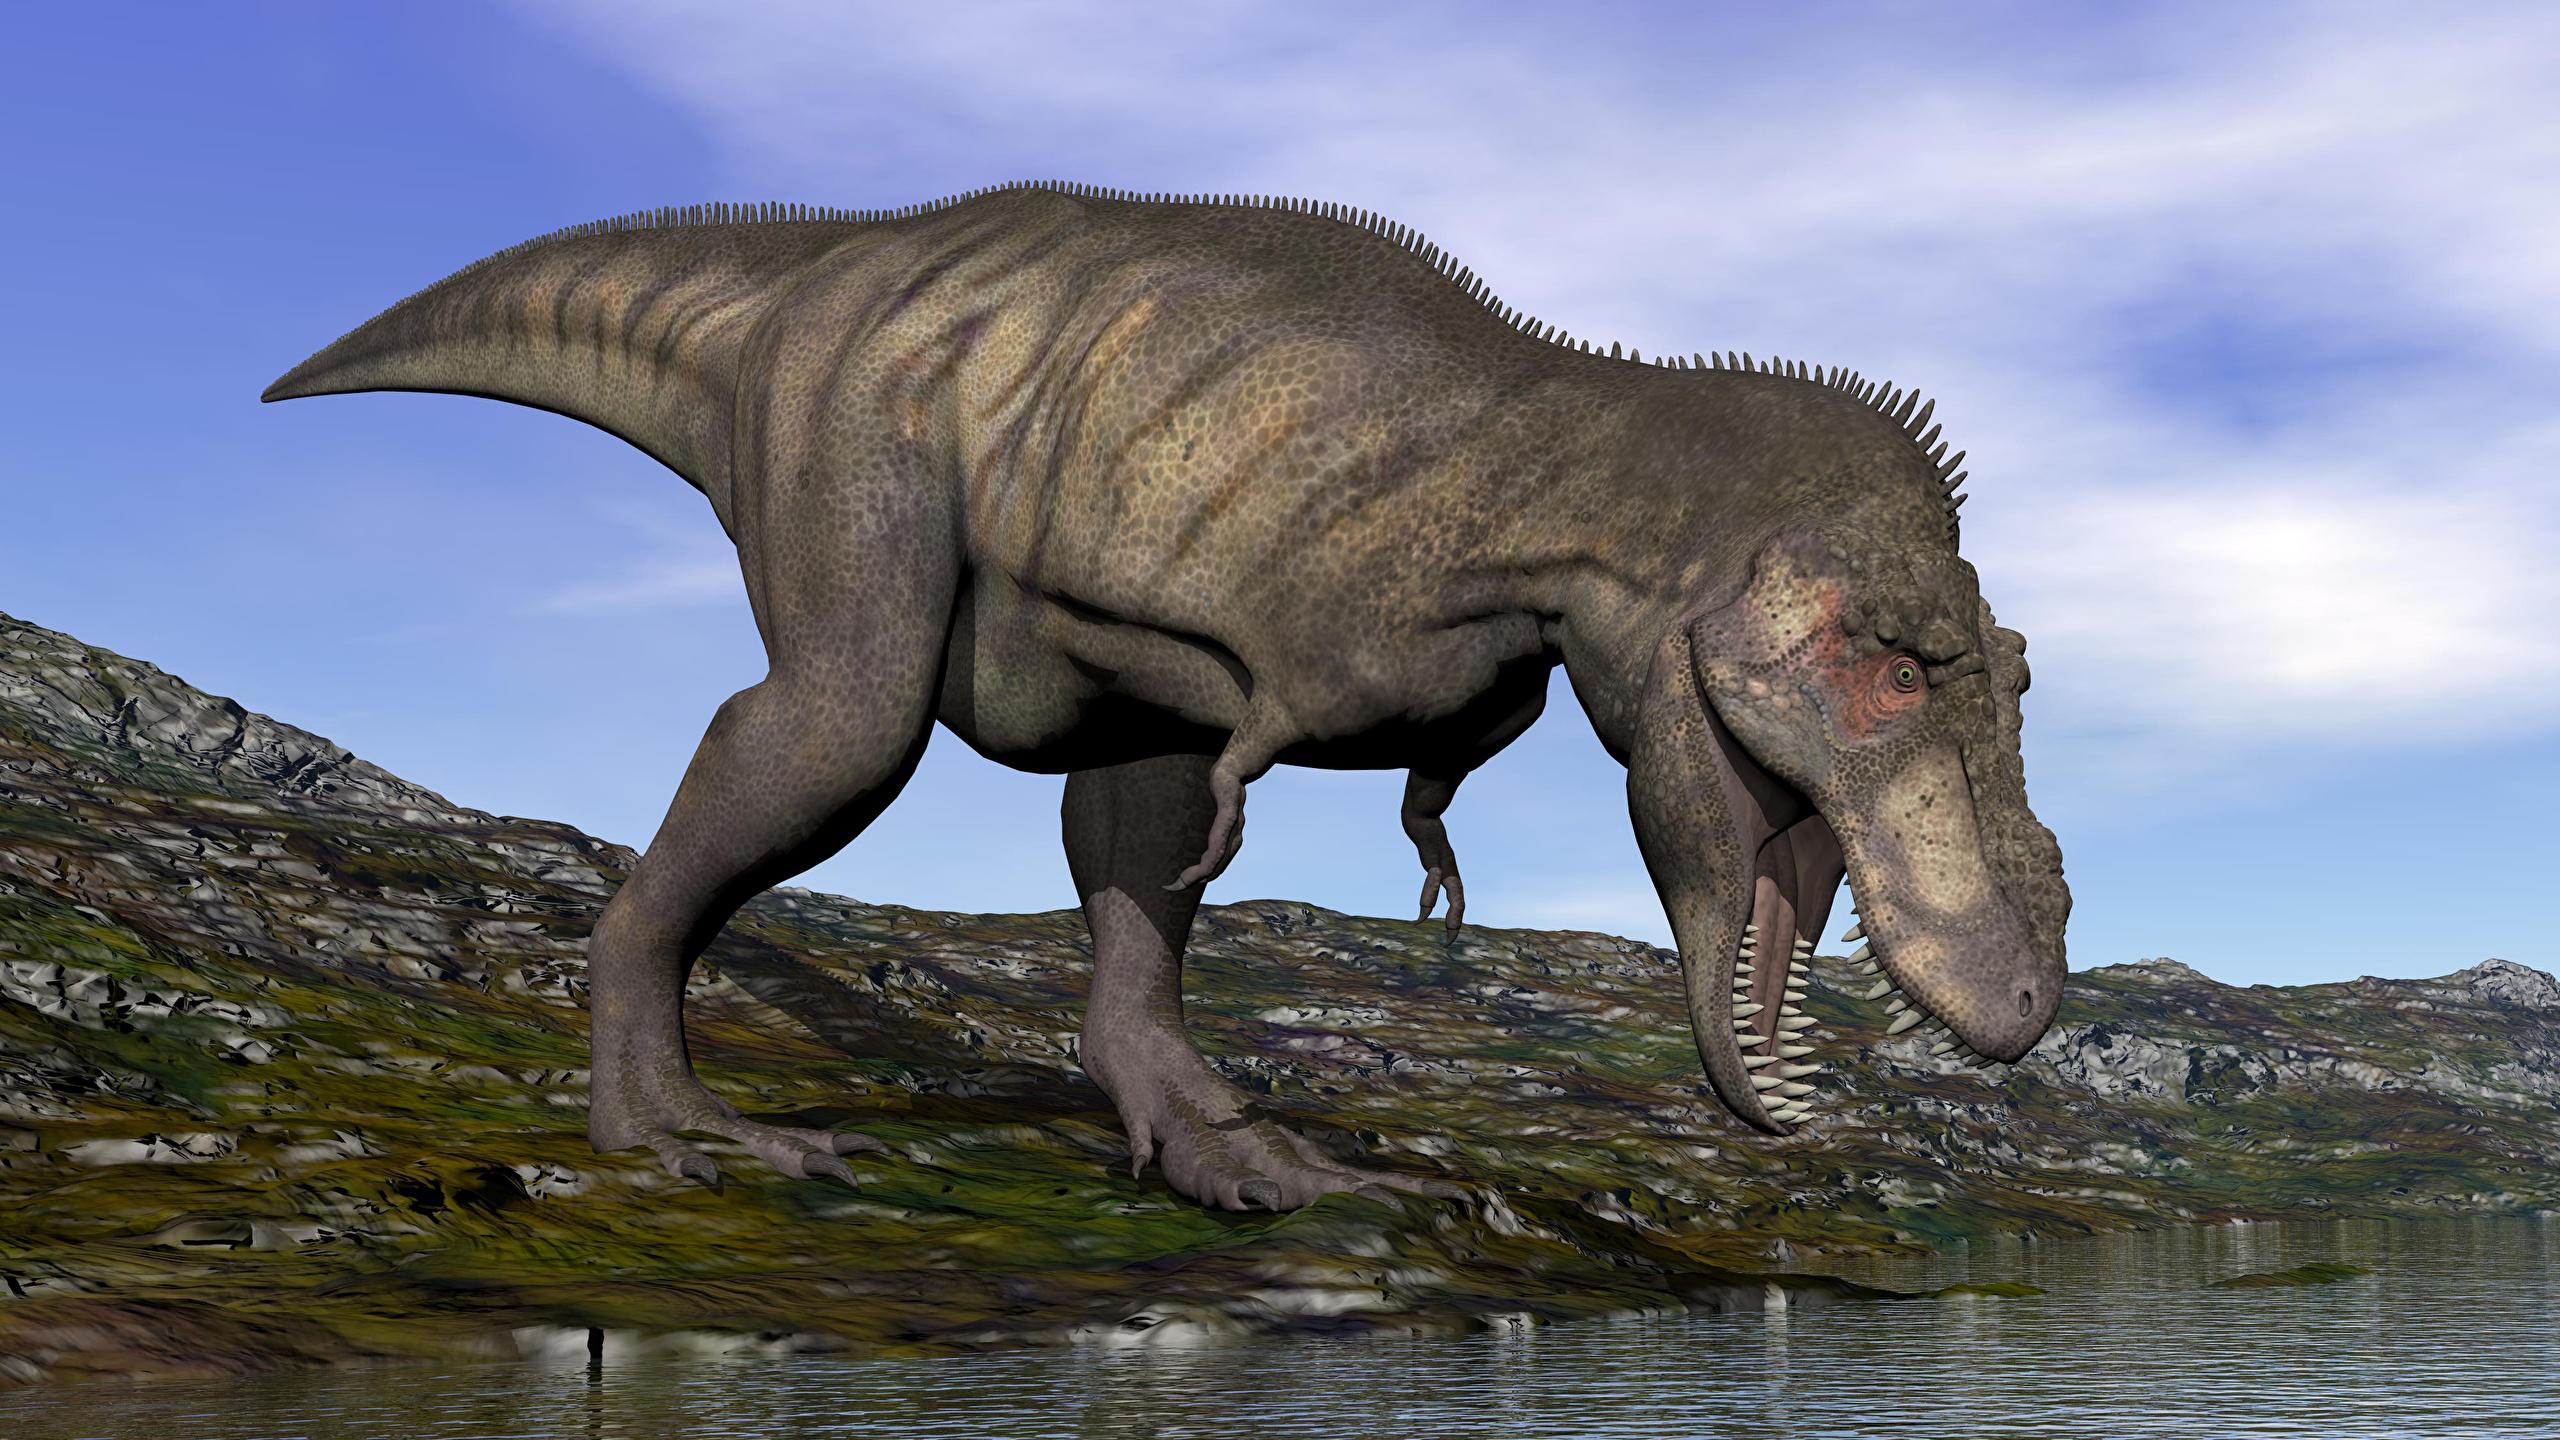 Wallpaper Dinosaurs 3d Graphics Water Animal Closeup 2560x1440